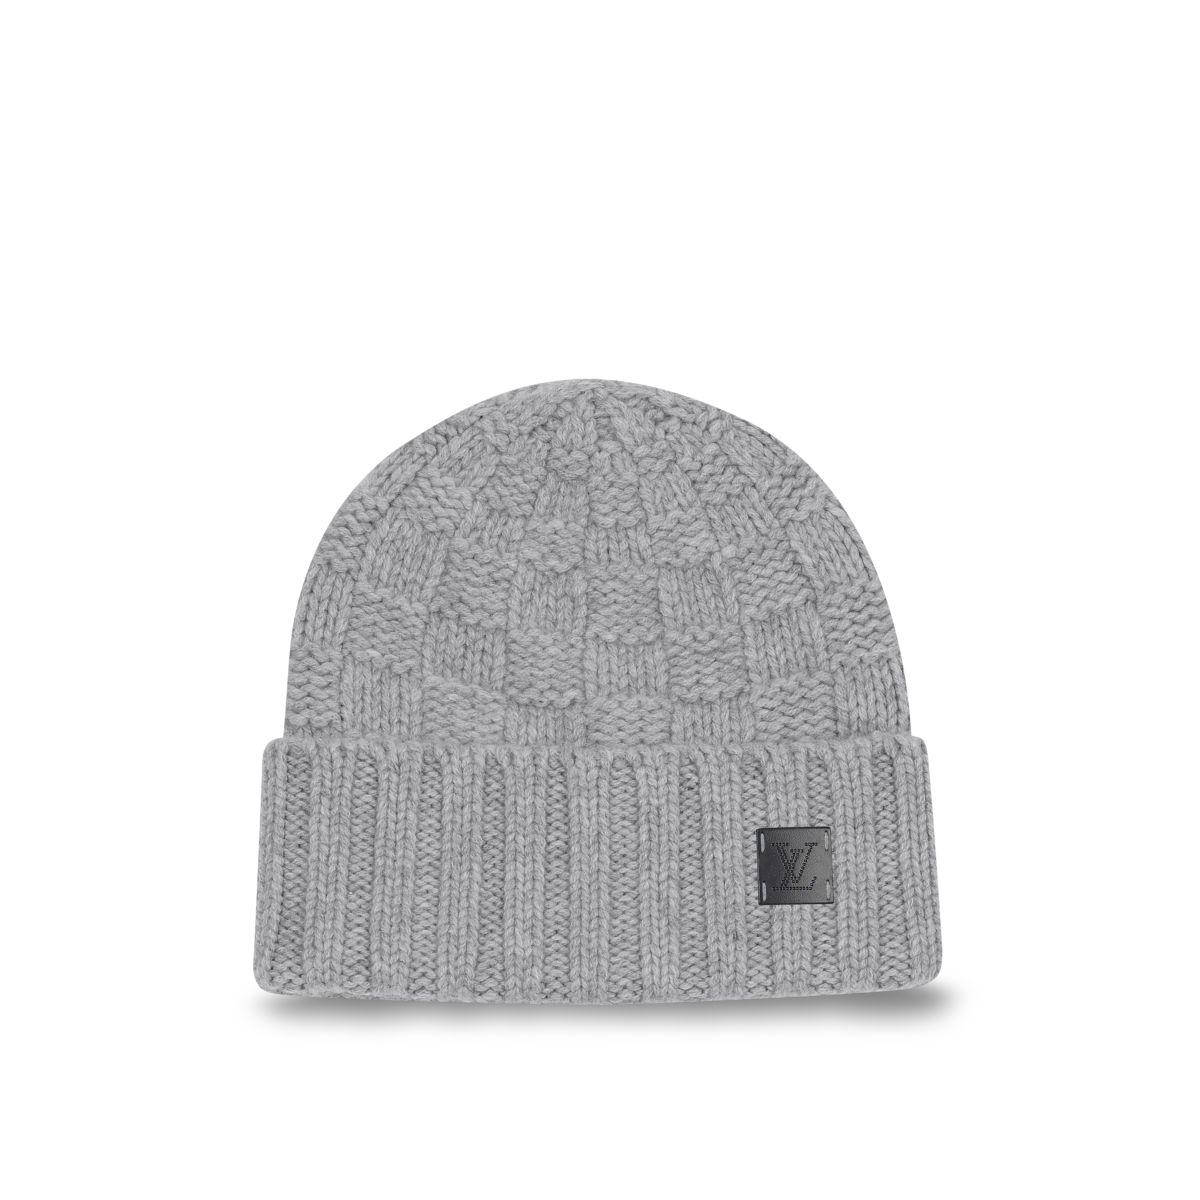 louis vuitton gray helsinki hat for men lyst